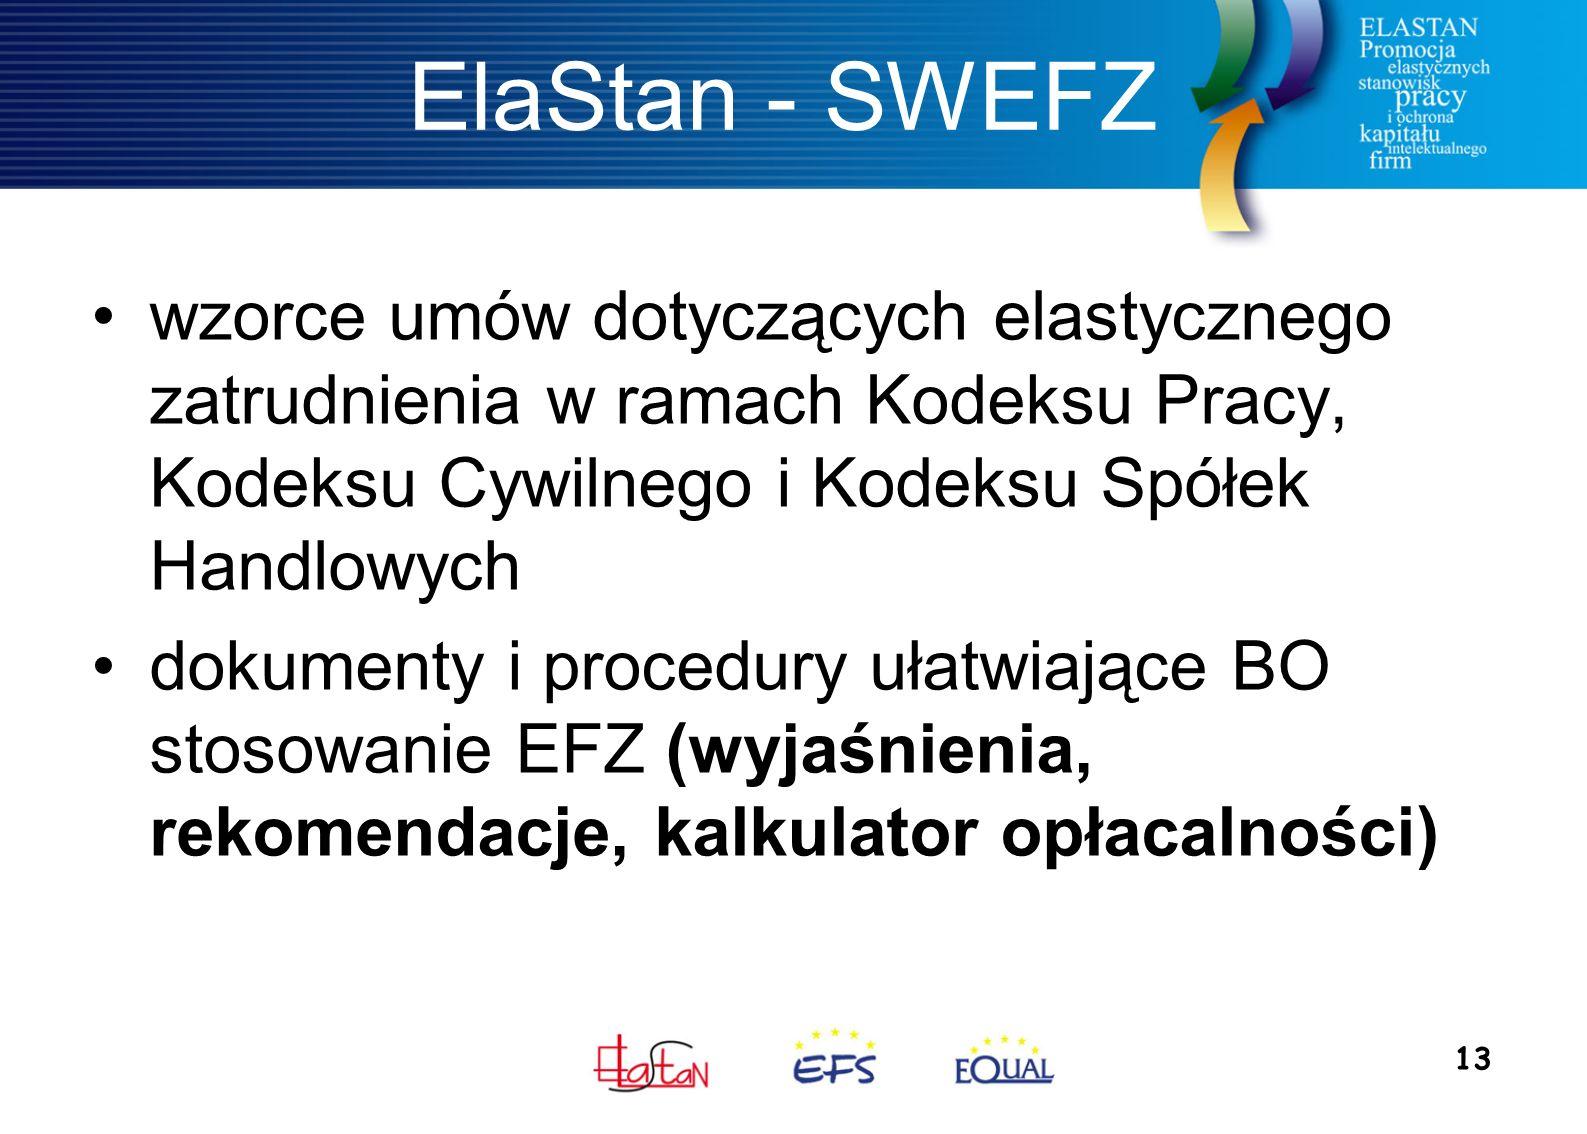 13 ElaStan - SWEFZ wzorce umów dotyczących elastycznego zatrudnienia w ramach Kodeksu Pracy, Kodeksu Cywilnego i Kodeksu Spółek Handlowych dokumenty i procedury ułatwiające BO stosowanie EFZ (wyjaśnienia, rekomendacje, kalkulator opłacalności)